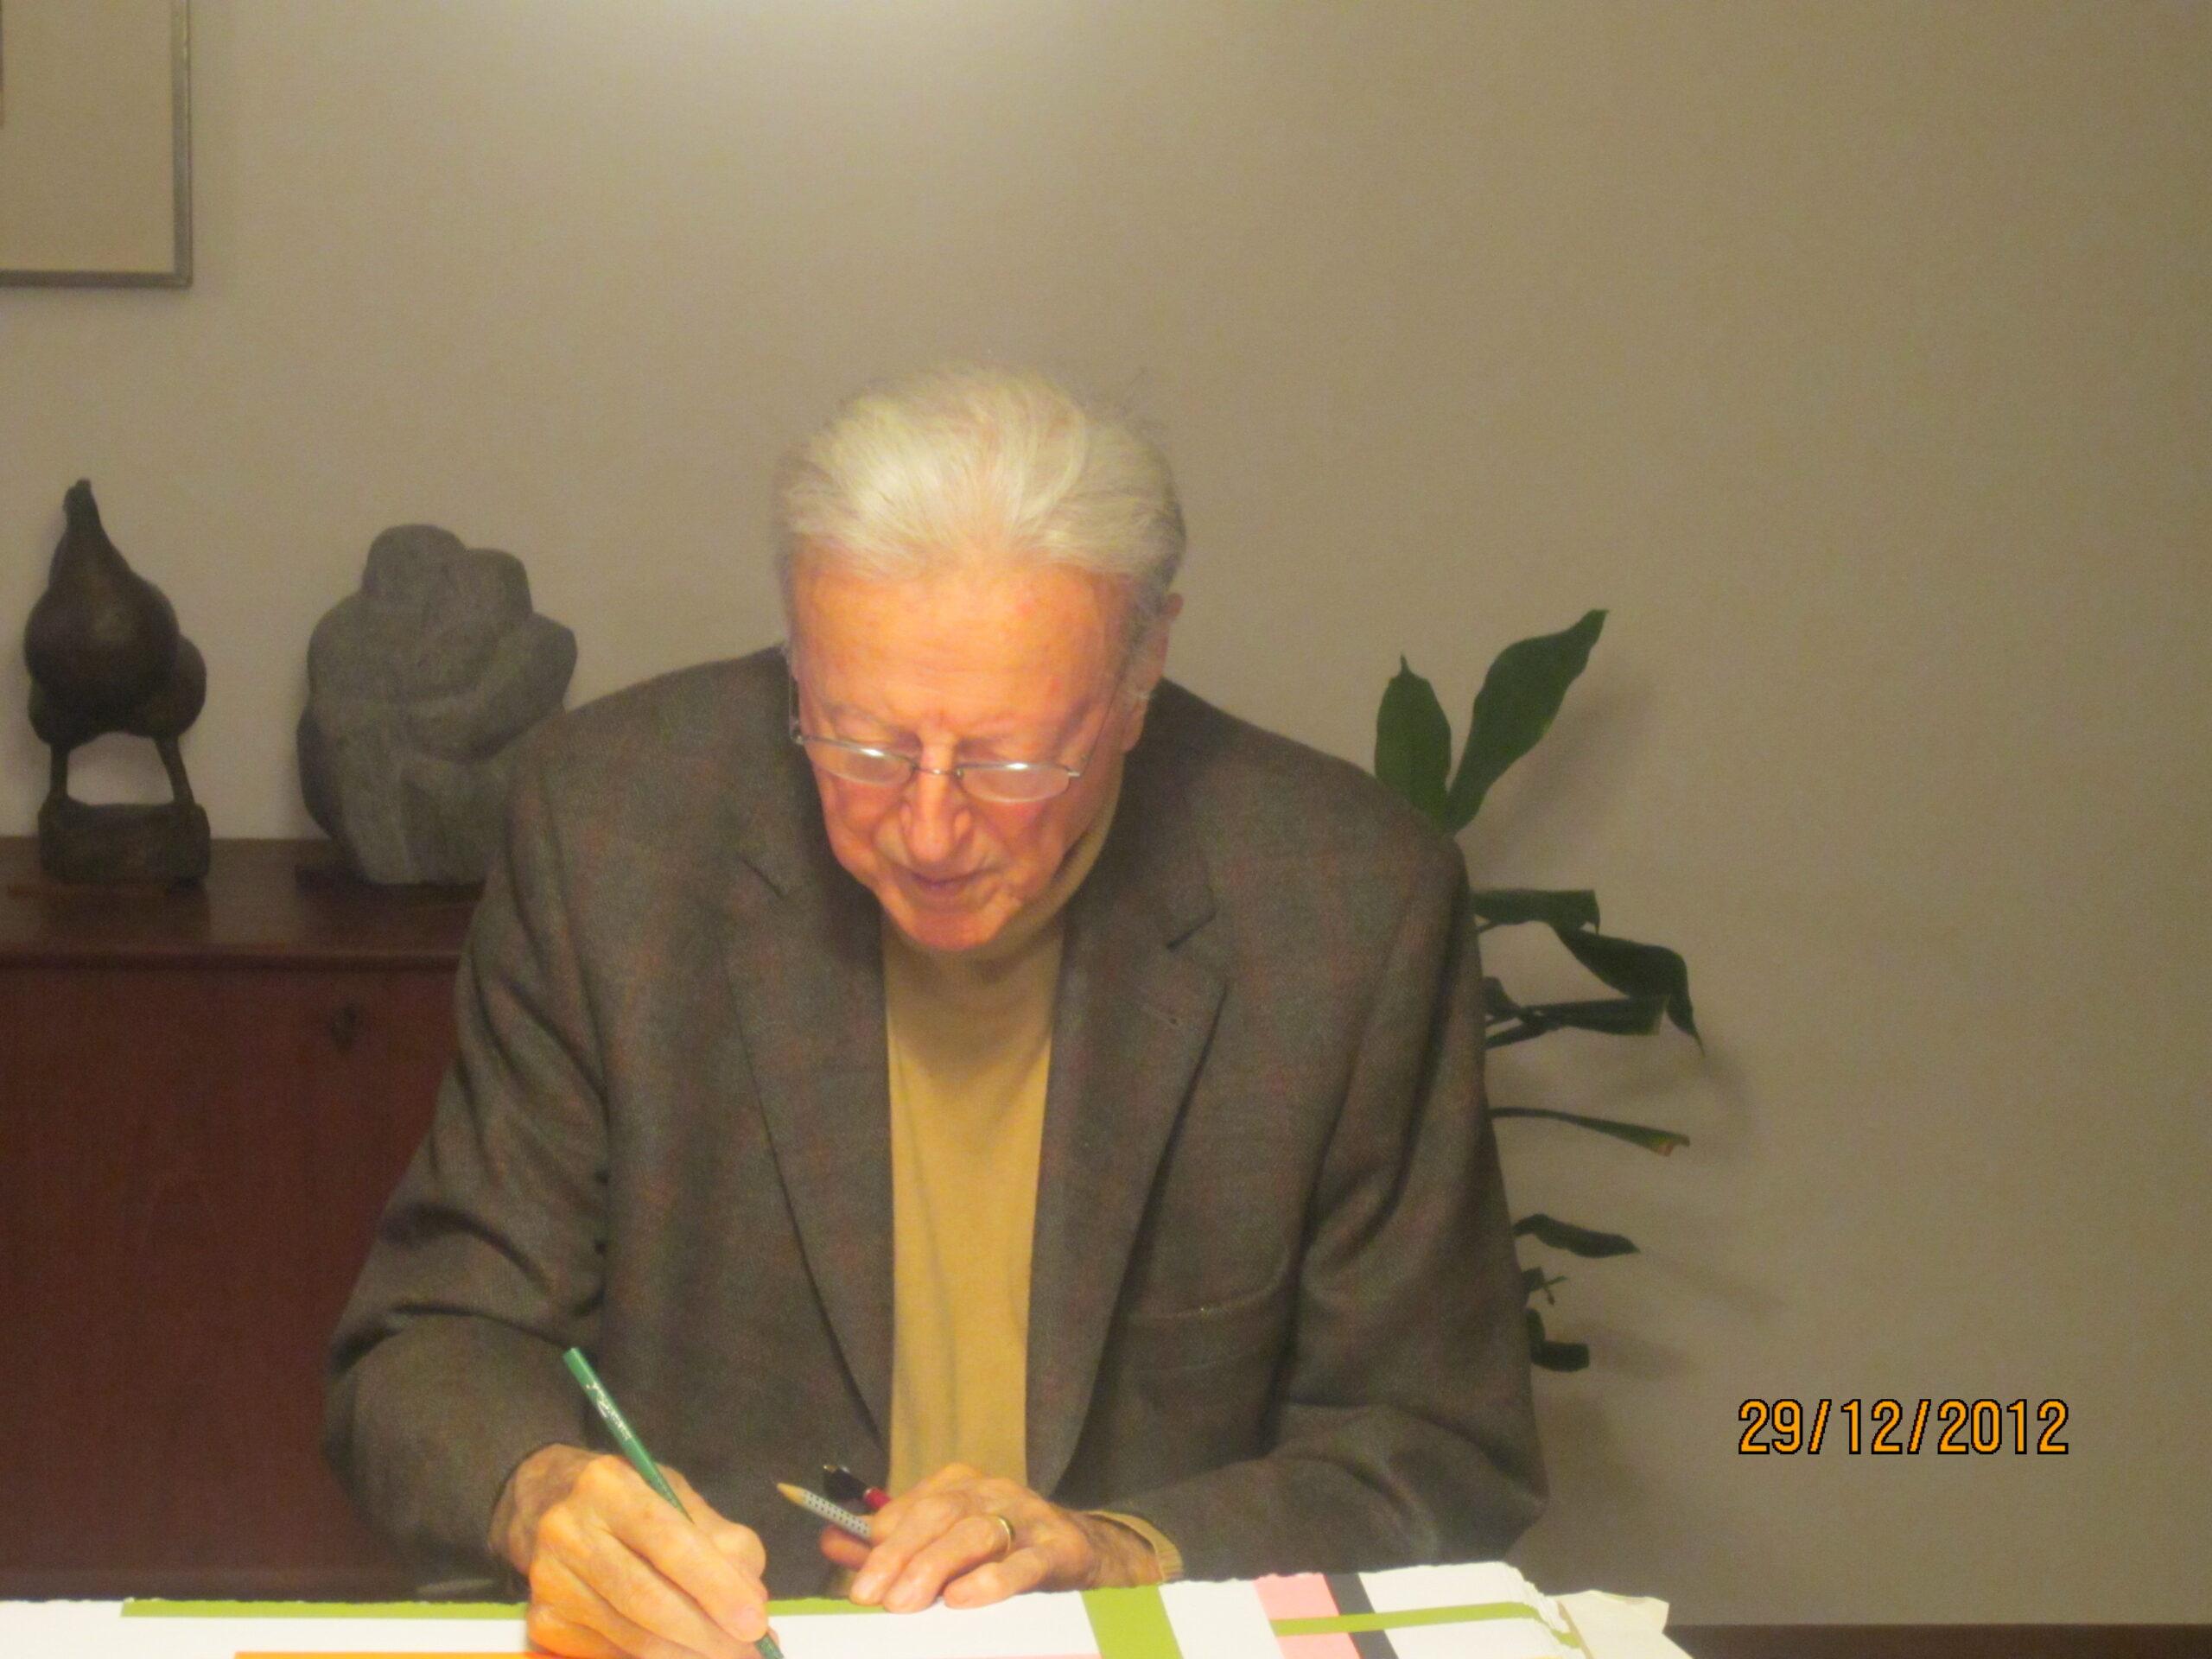 Giorgio Orelli mentre firma Ragni, La buca delle lettere Lithos, 2012 © scatto di Elisabetta Motta.